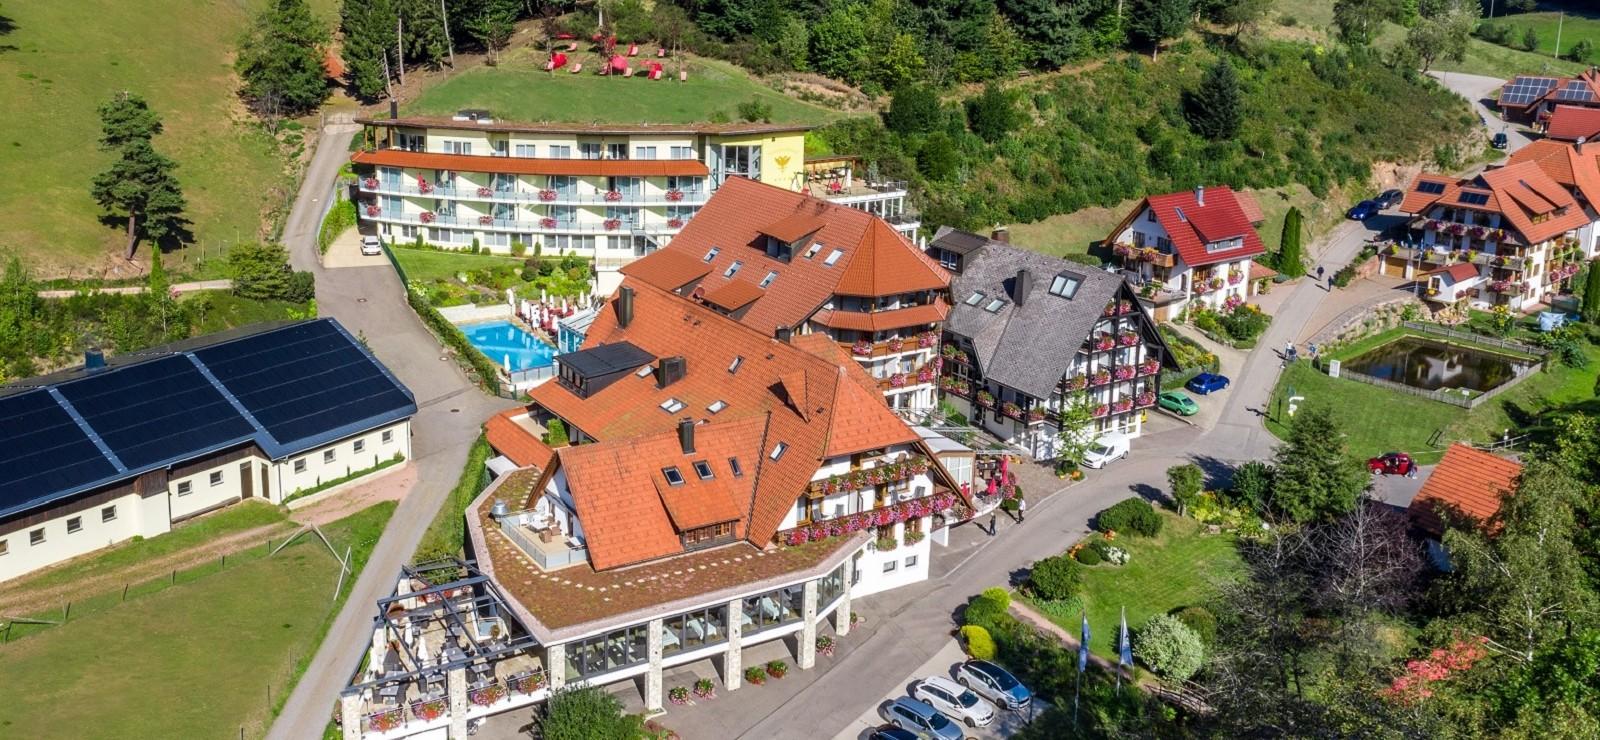 Naturparkhotel Adler St. Roman Bilder | Bild 1